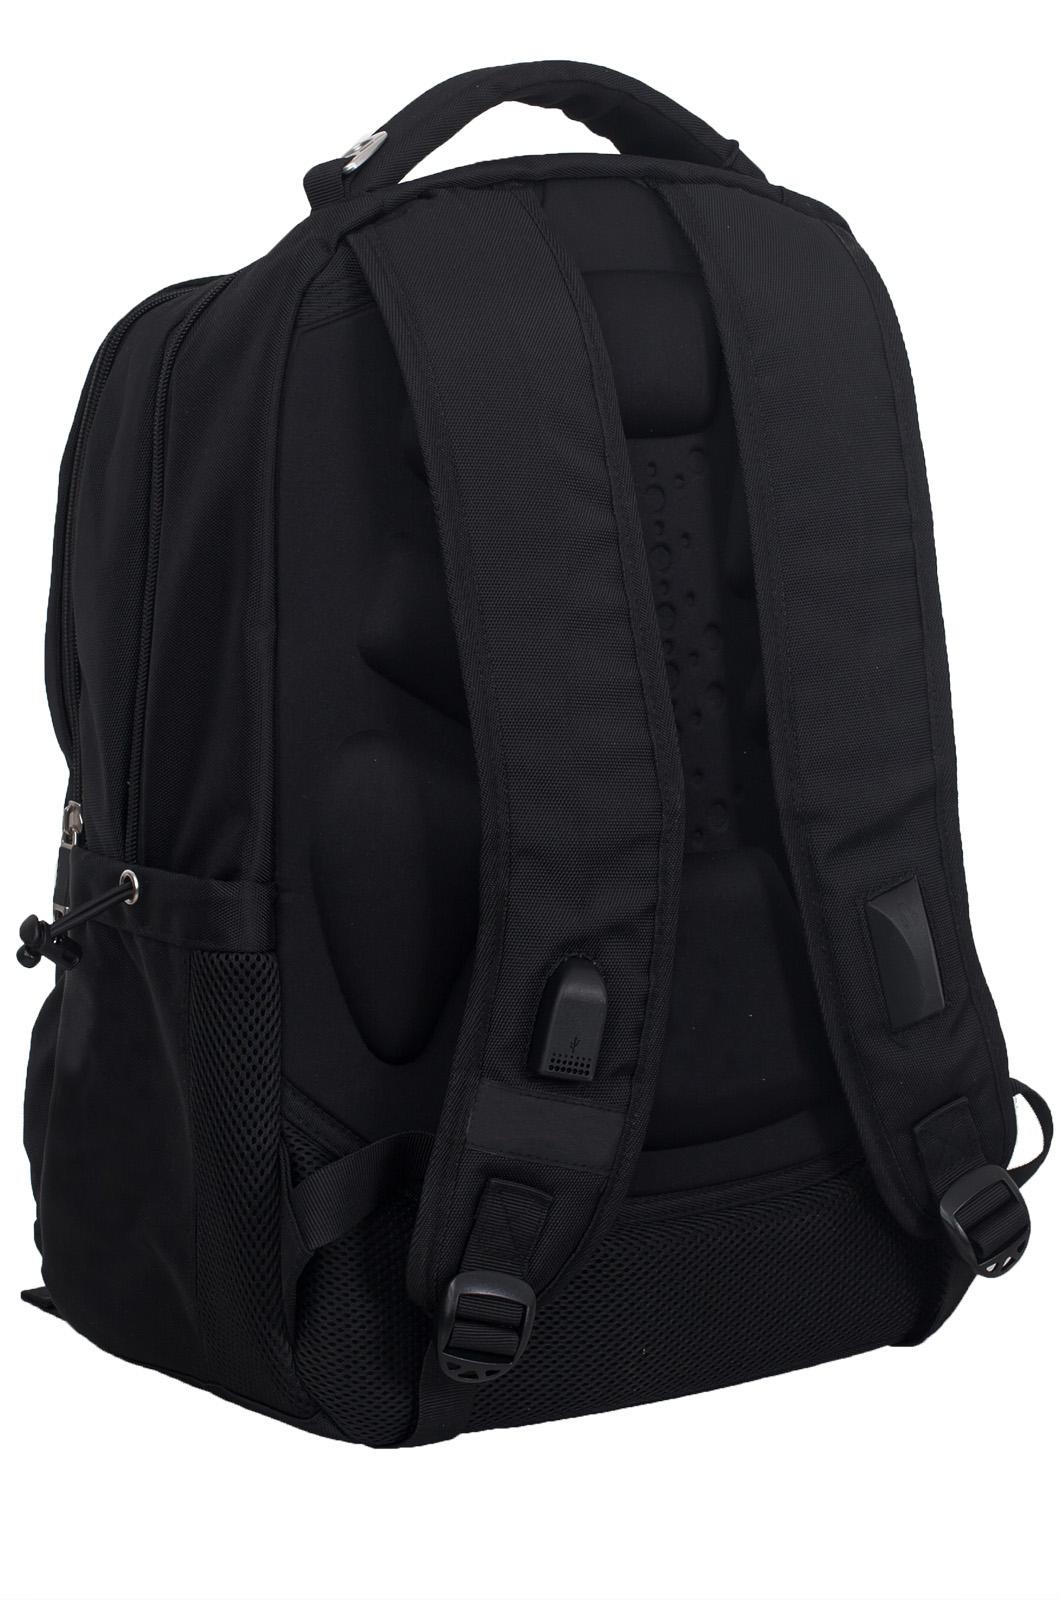 Повседневный городской рюкзак с доставкой